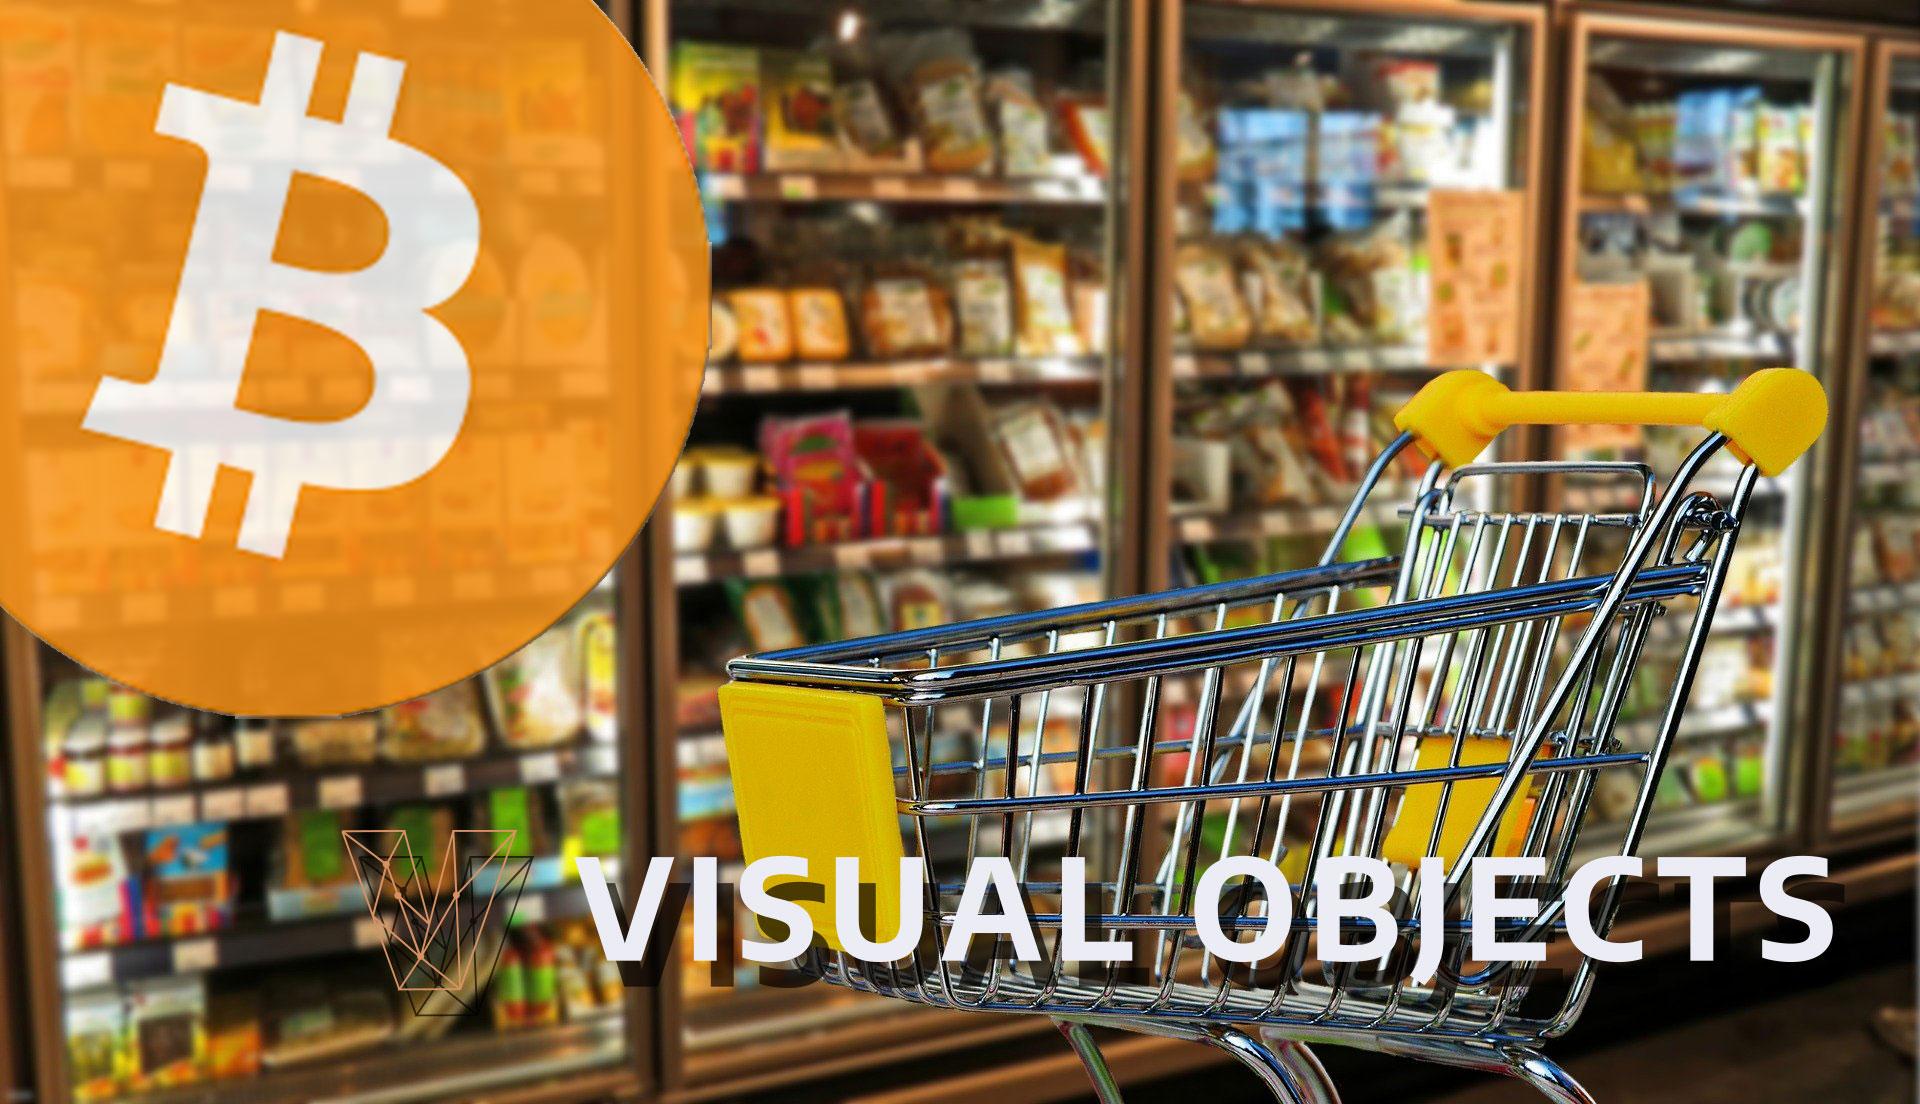 『認識と現実』仮想通貨での購入でもっとも多いのは食品、次に衣料:米調査会社